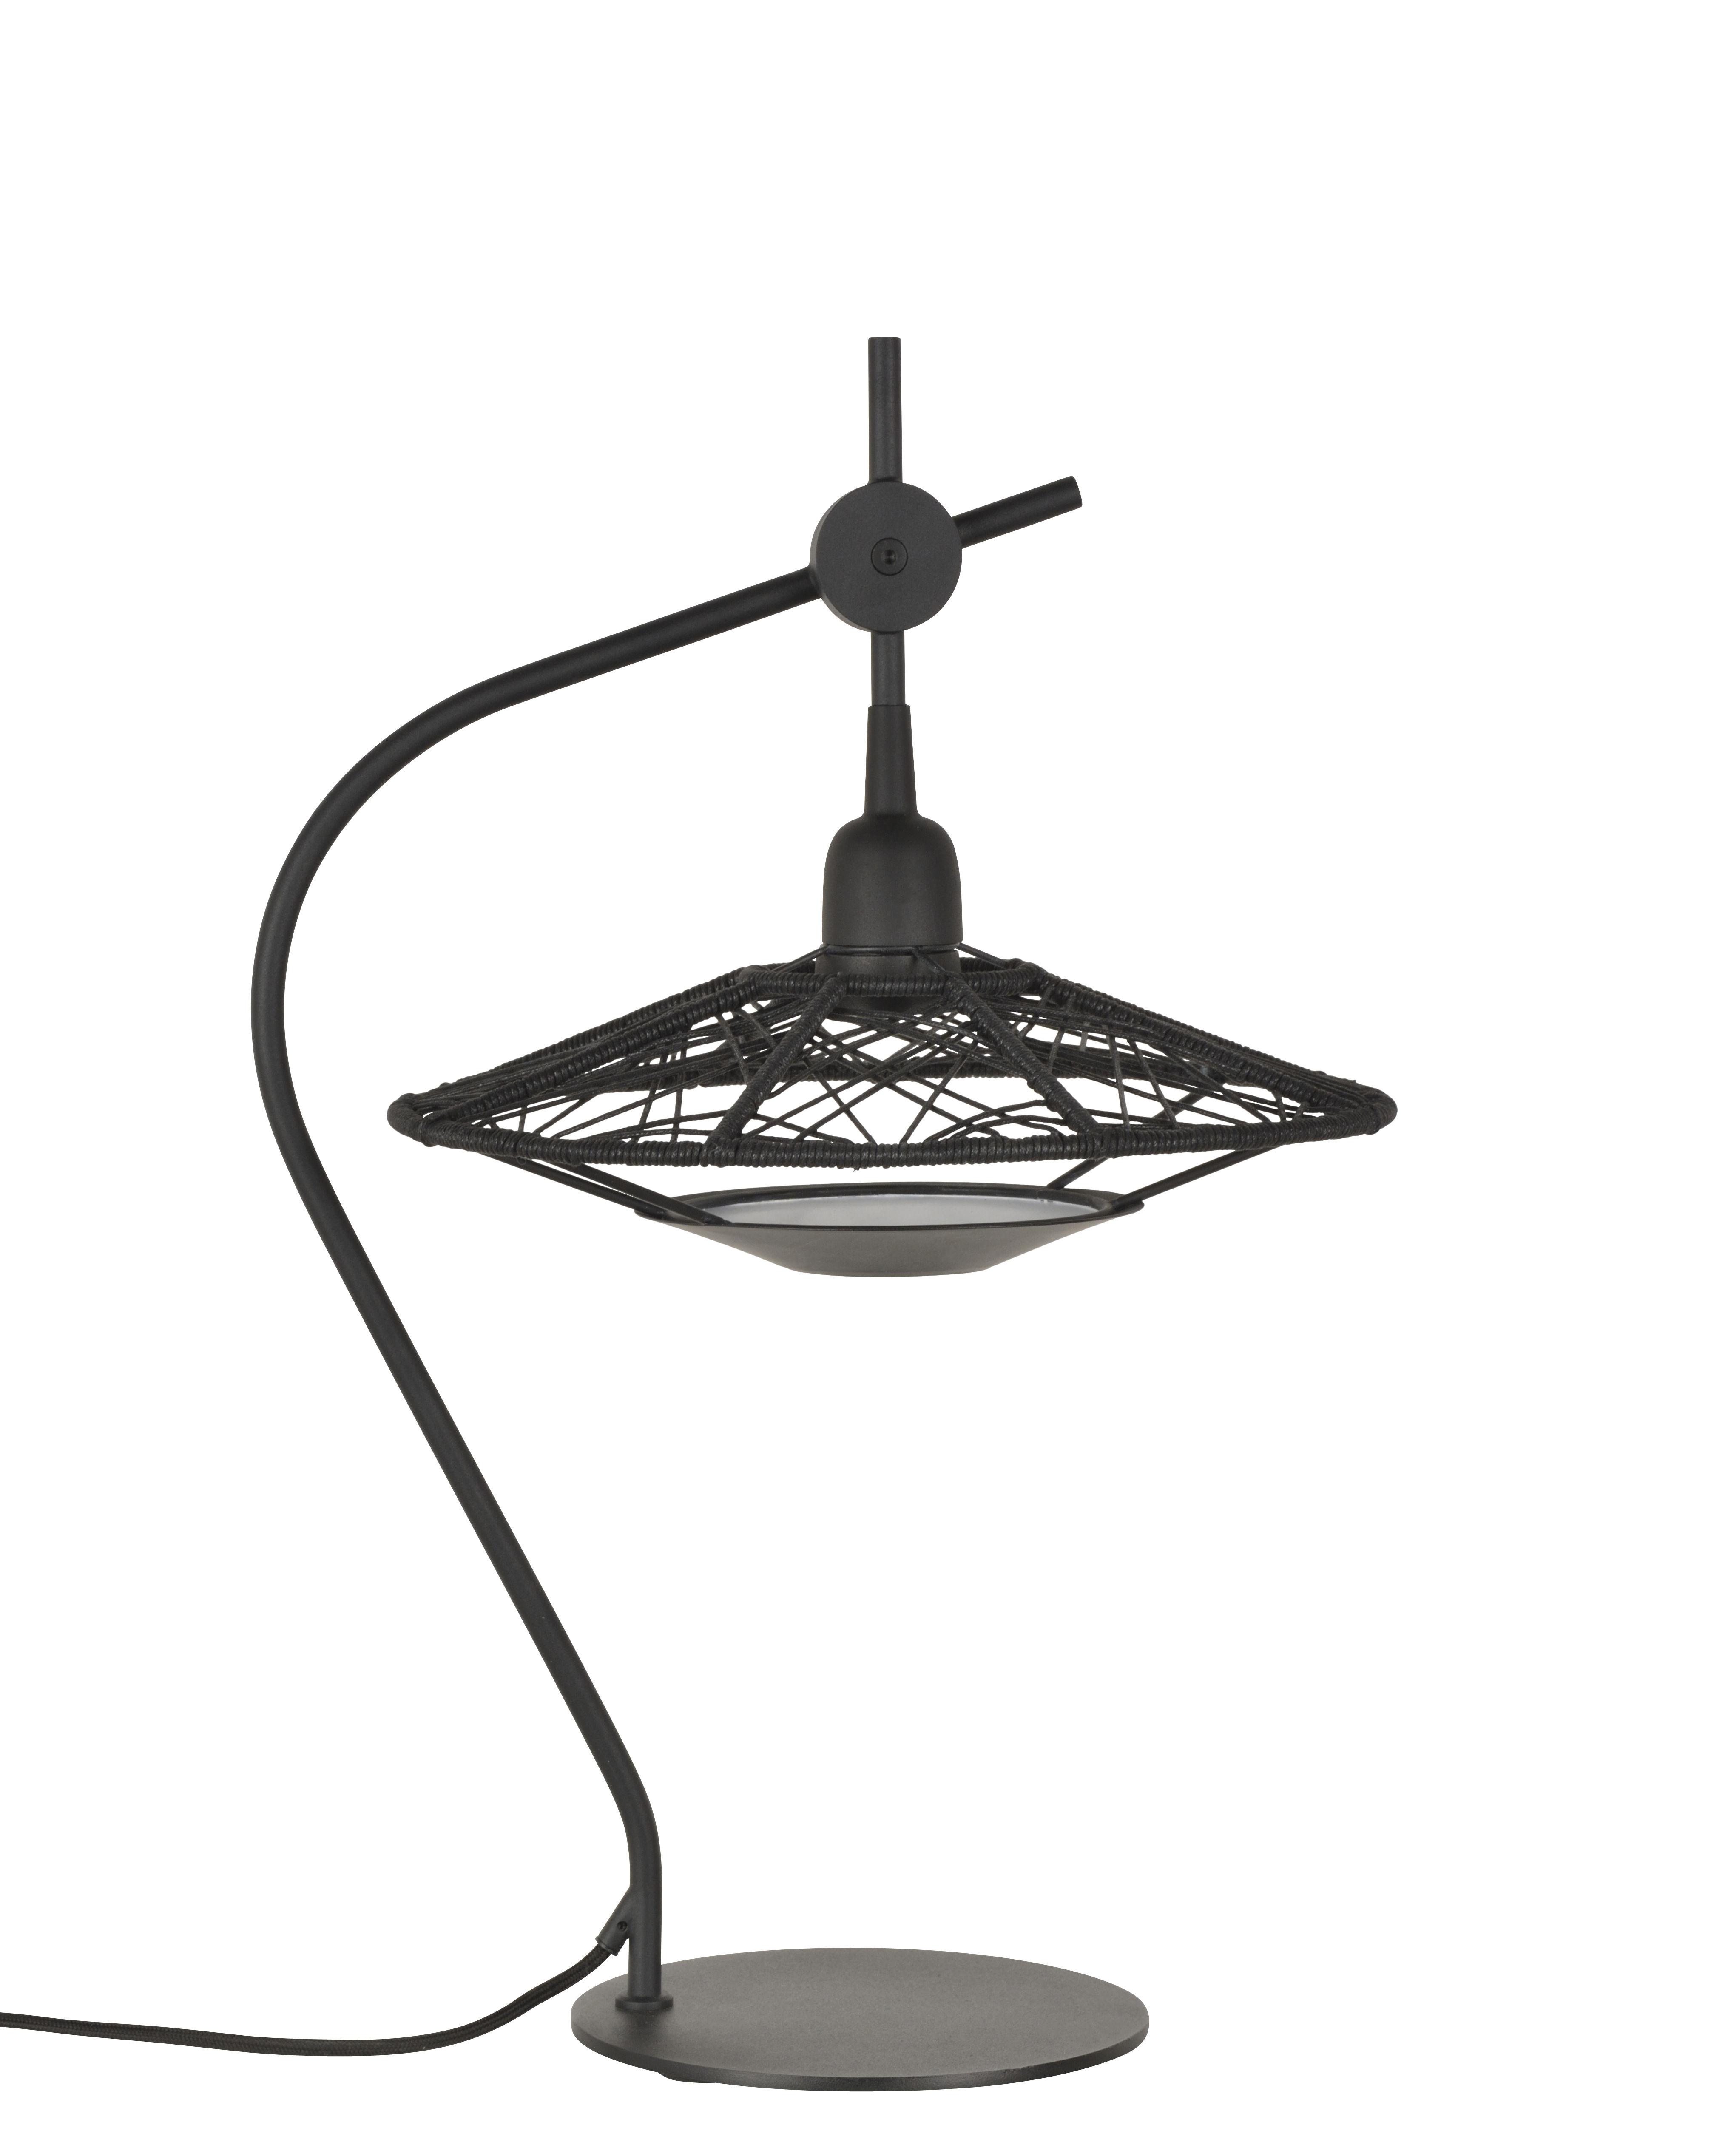 Illuminazione - Lampade da tavolo - Lampada da tavolo Carpa - / Fili di cotone - H 58 cm di Forestier - Nero - Acciaio laccato, Fili in cotone